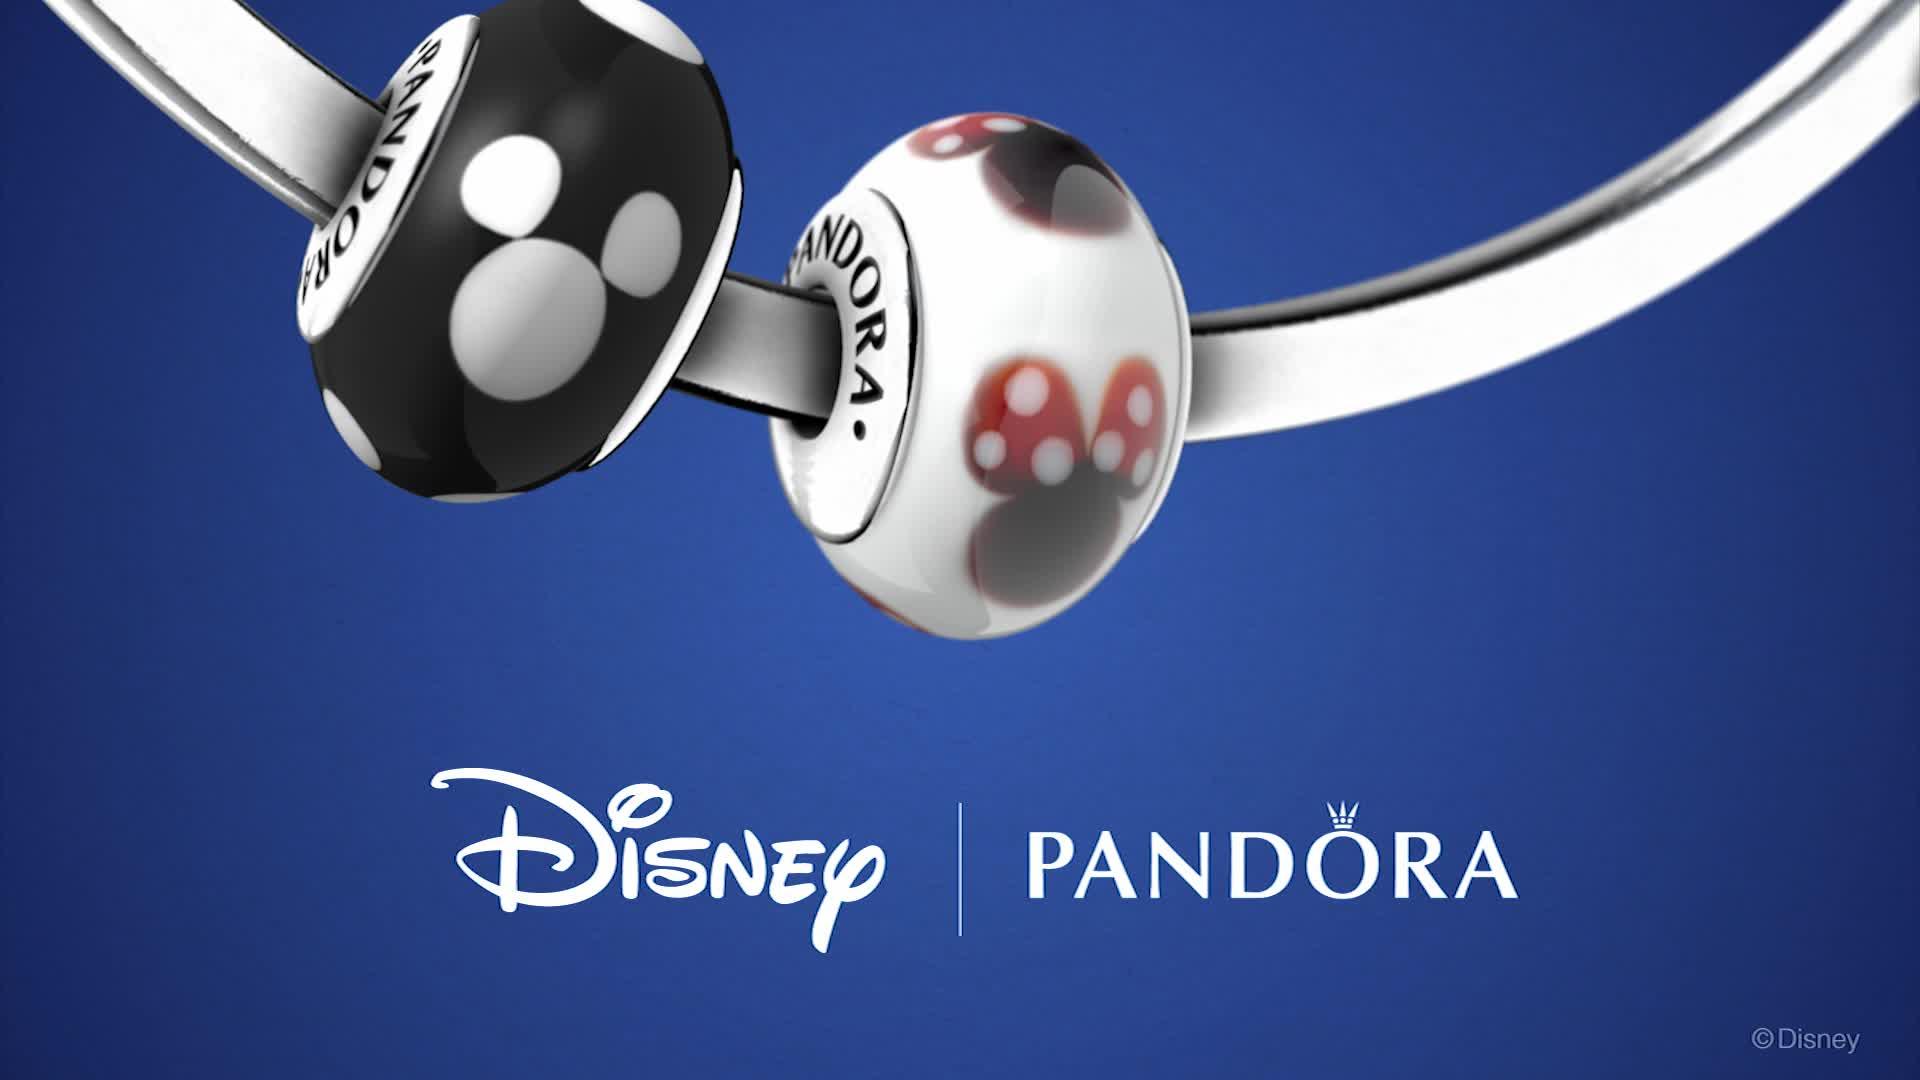 Collaborazione tra Disney e Pandora: ecco i bellissimi gioielli ispirati ai personaggi Disney!